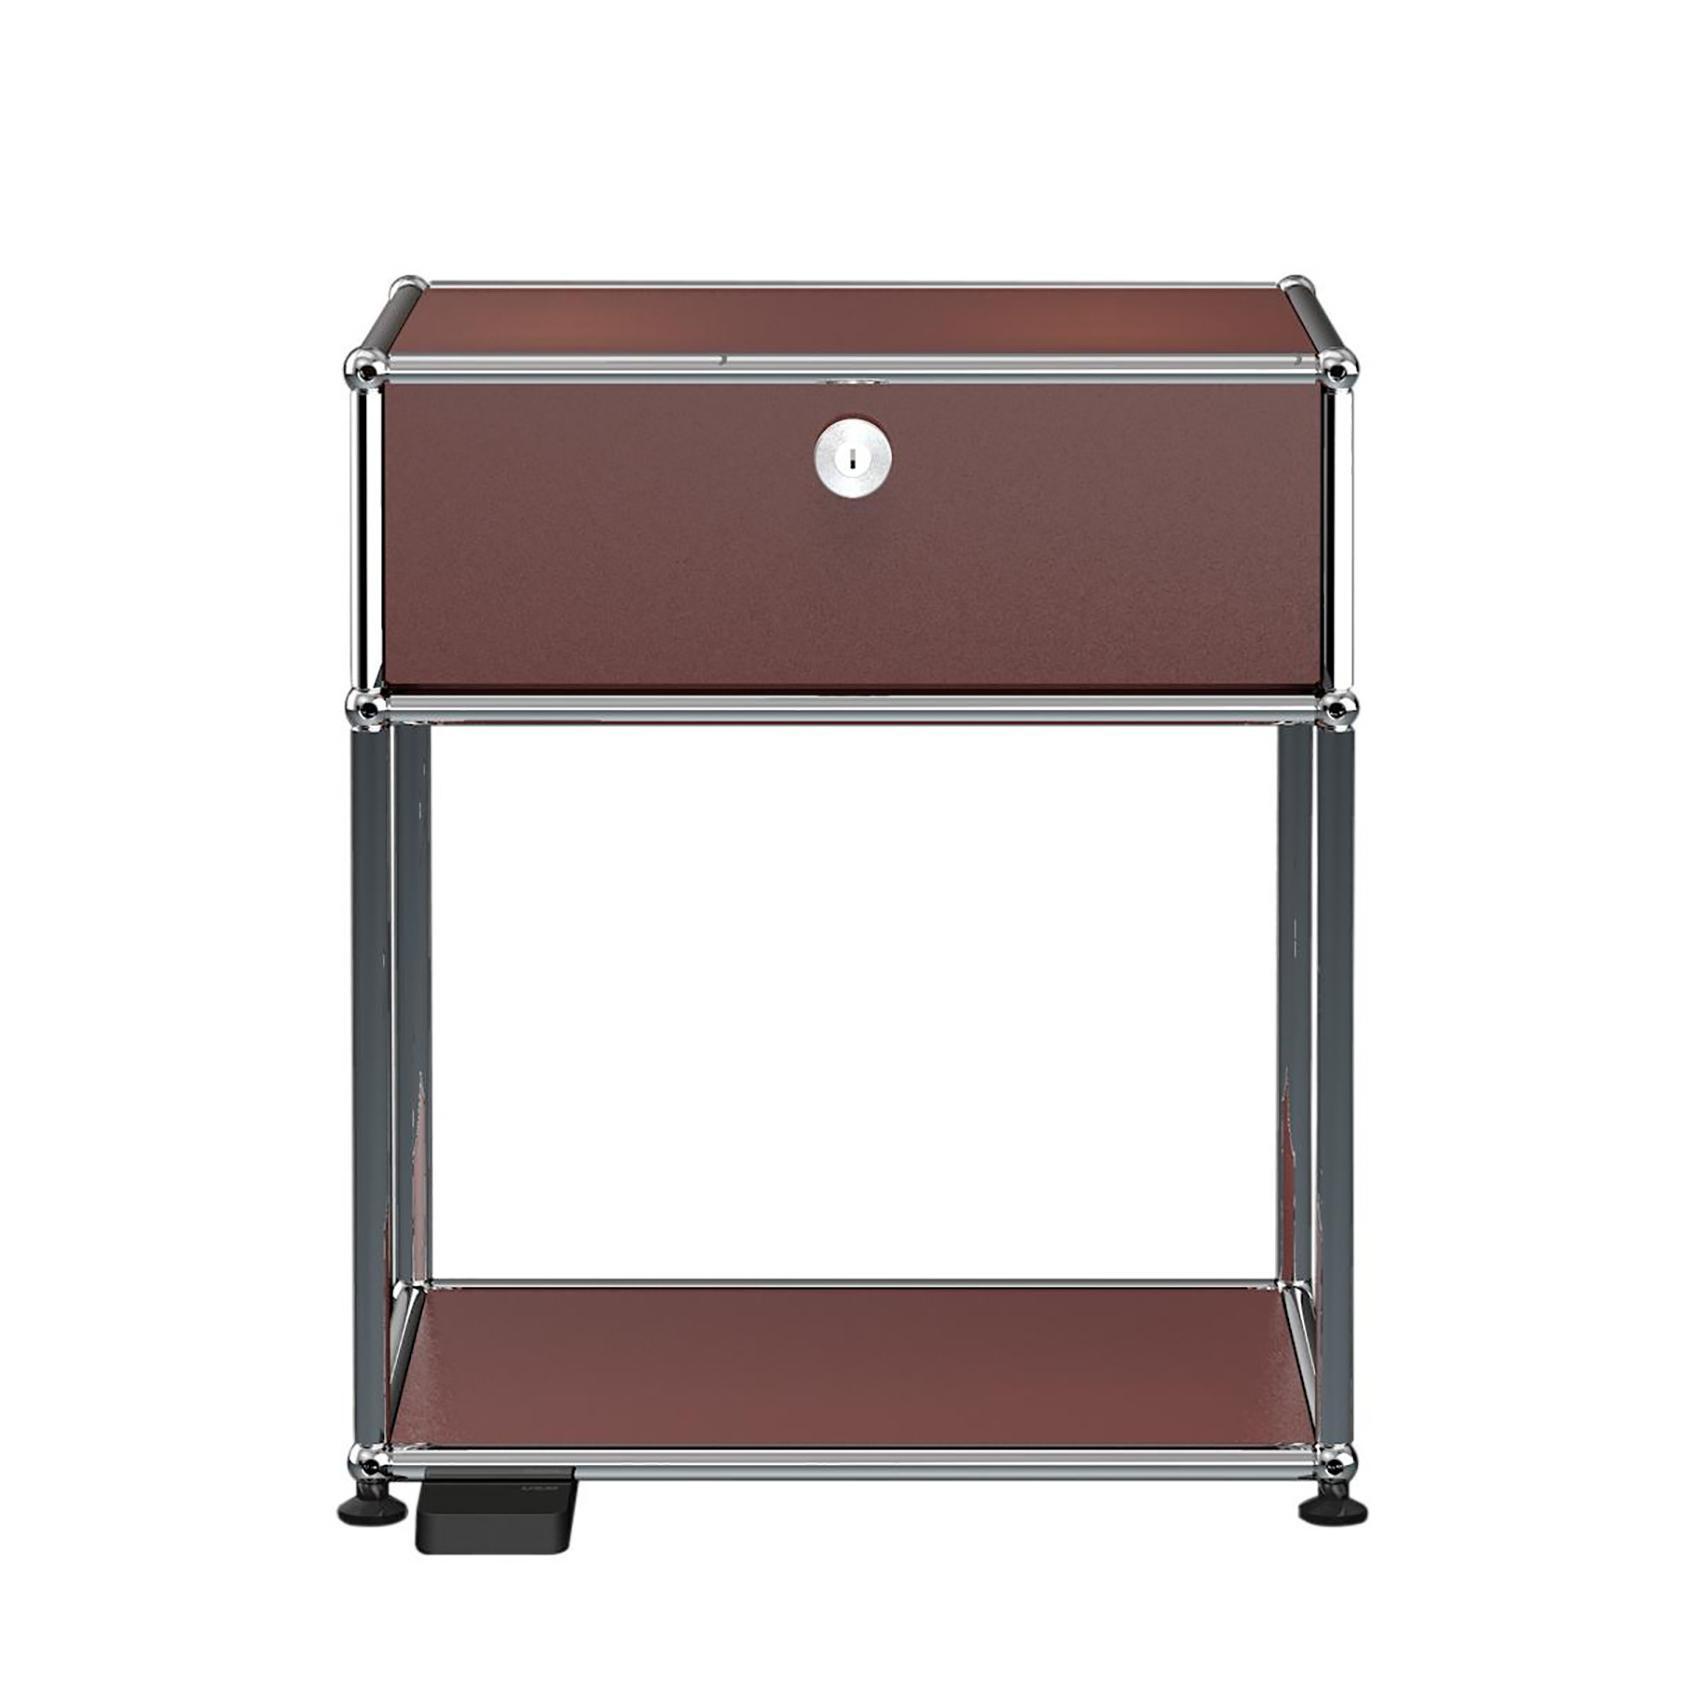 USM E Nachttisch mit dimmbarem Licht - USM braun/mit einer Klapptür/mit dimmbarem Licht | Schlafzimmer > Nachttische | Usm braun | Stahl verchromt | USM